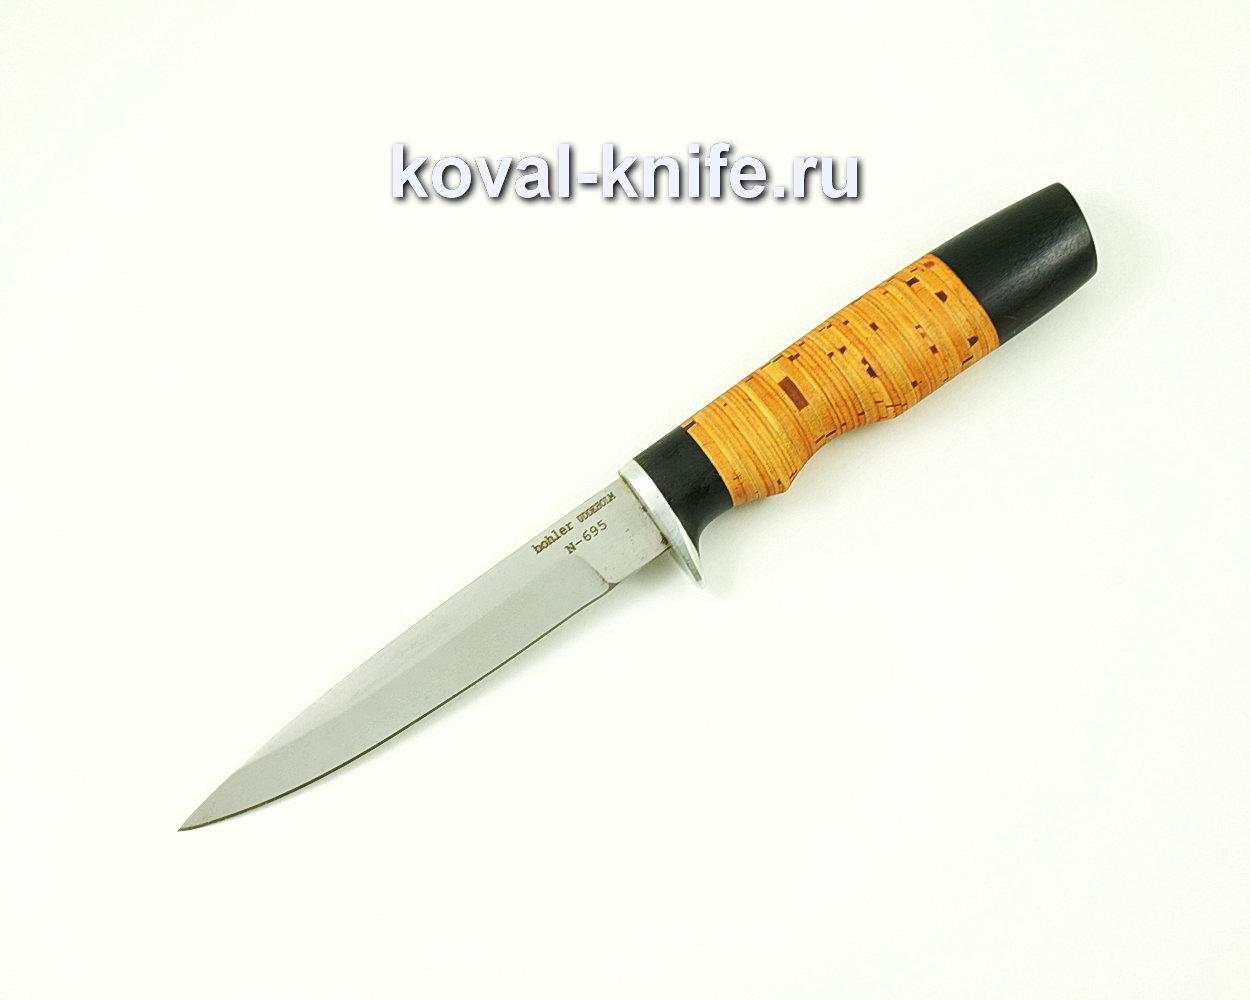 Нож Коготь из стали N695 (рукоять береста и граб) A416